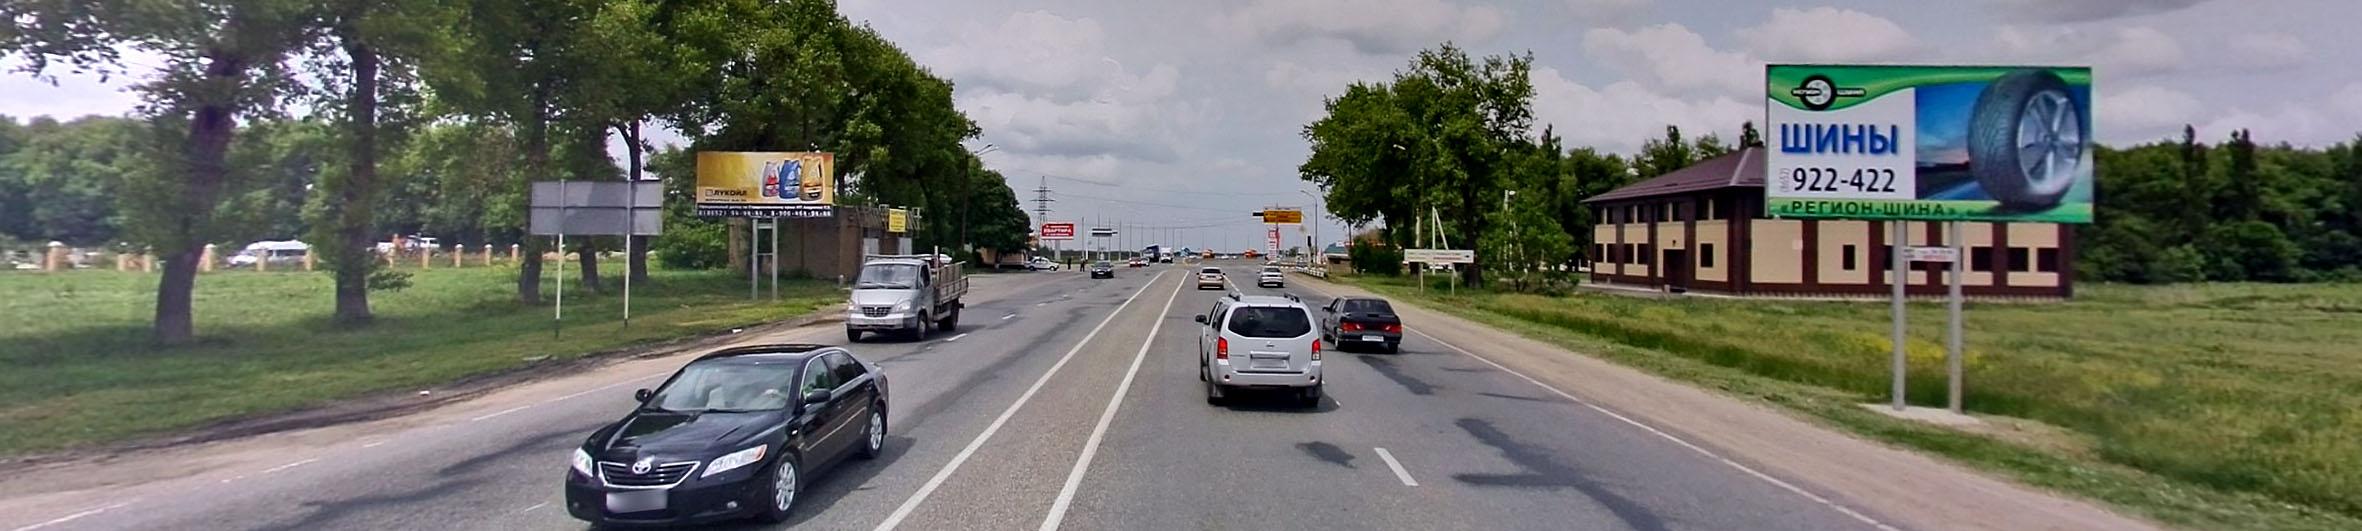 Реклама на билбордах в Ставропольском крае Михайловск